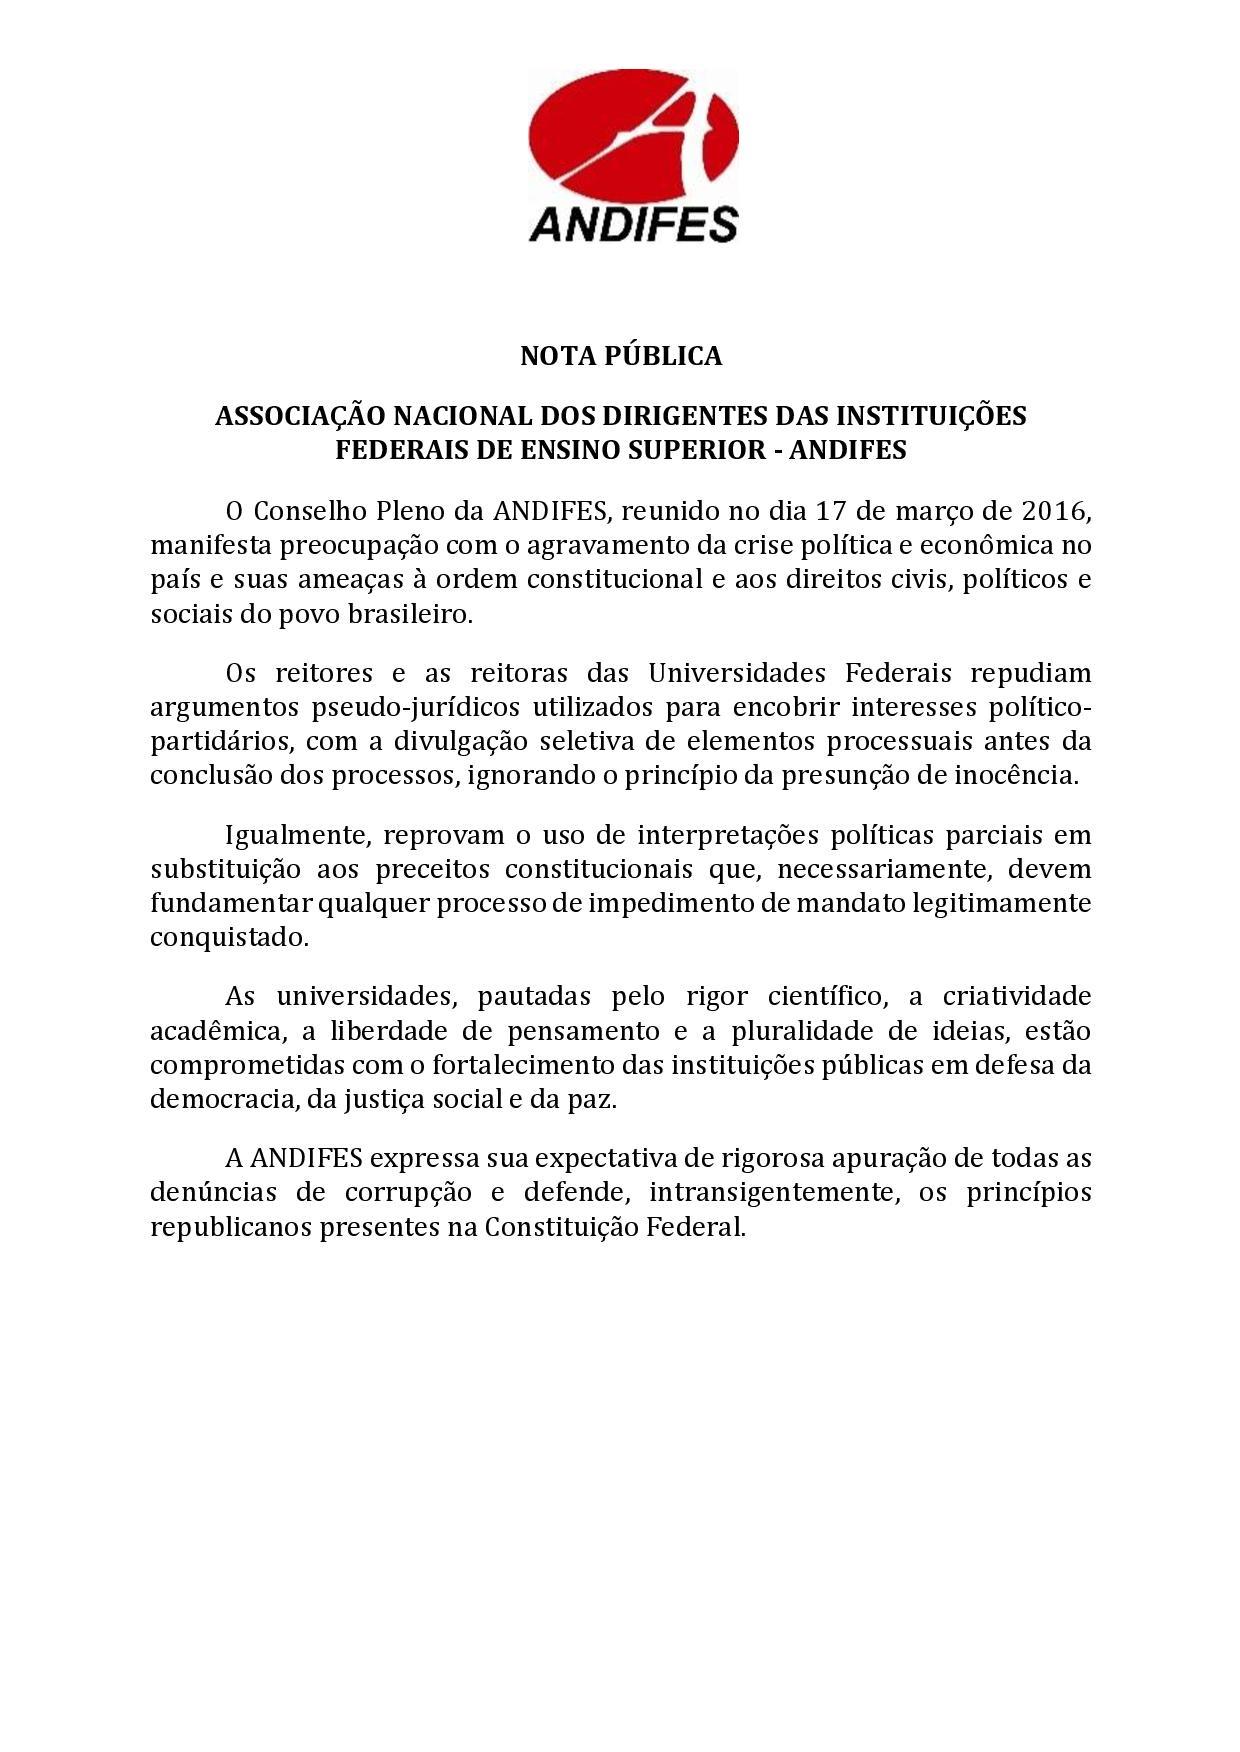 nota pública Andifes-page-001